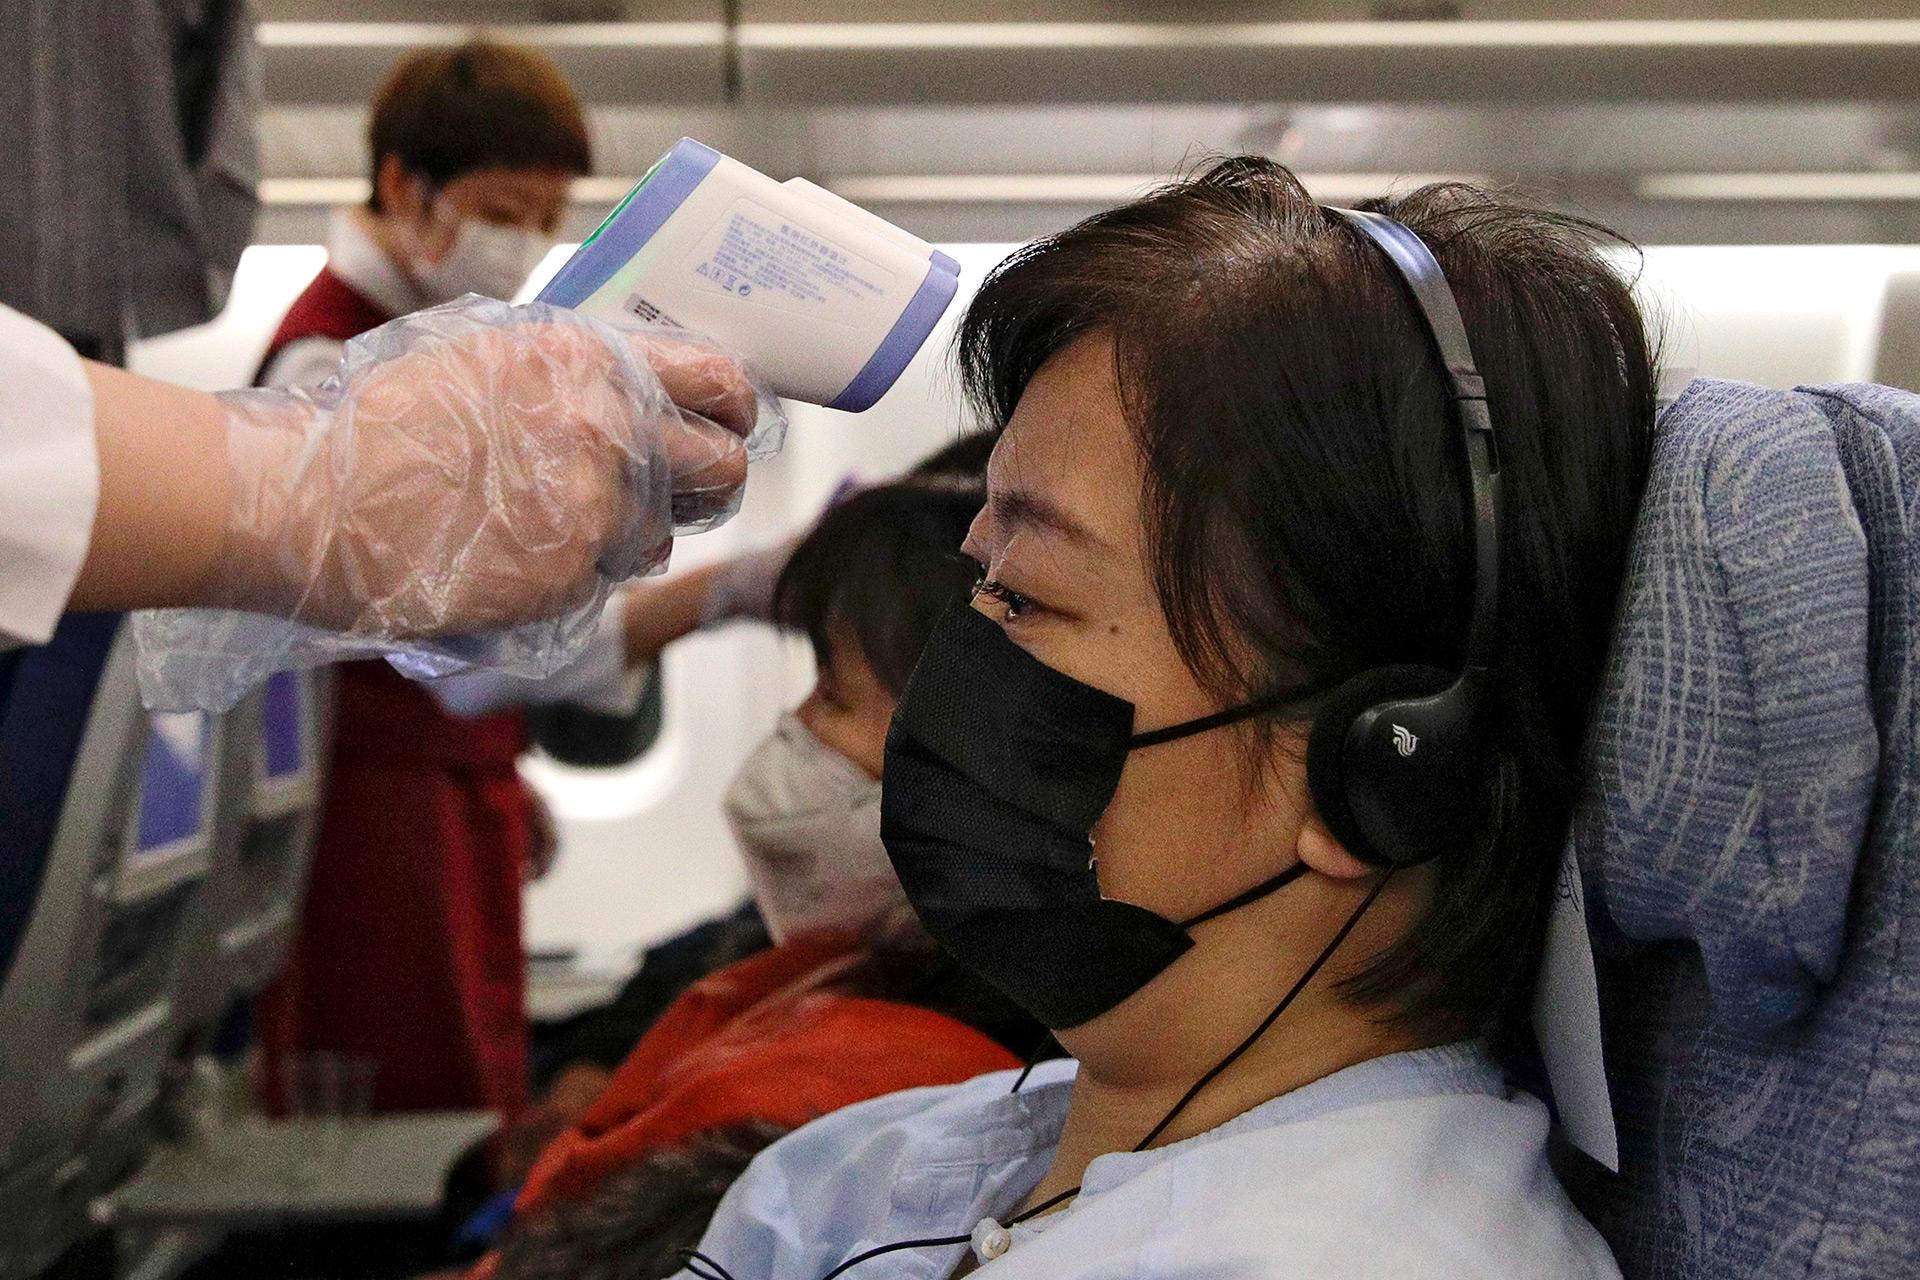 Las azafatas toman la temperatura de los pasajeros como medida preventiva para el coronavirus en un vuelo de Air China desde Melbourne a Beijing antes de aterrizar en el Aeropuerto Internacional Capital de Beijing en China, el martes 4 de febrero de 2020 (AP / Andy Wong)